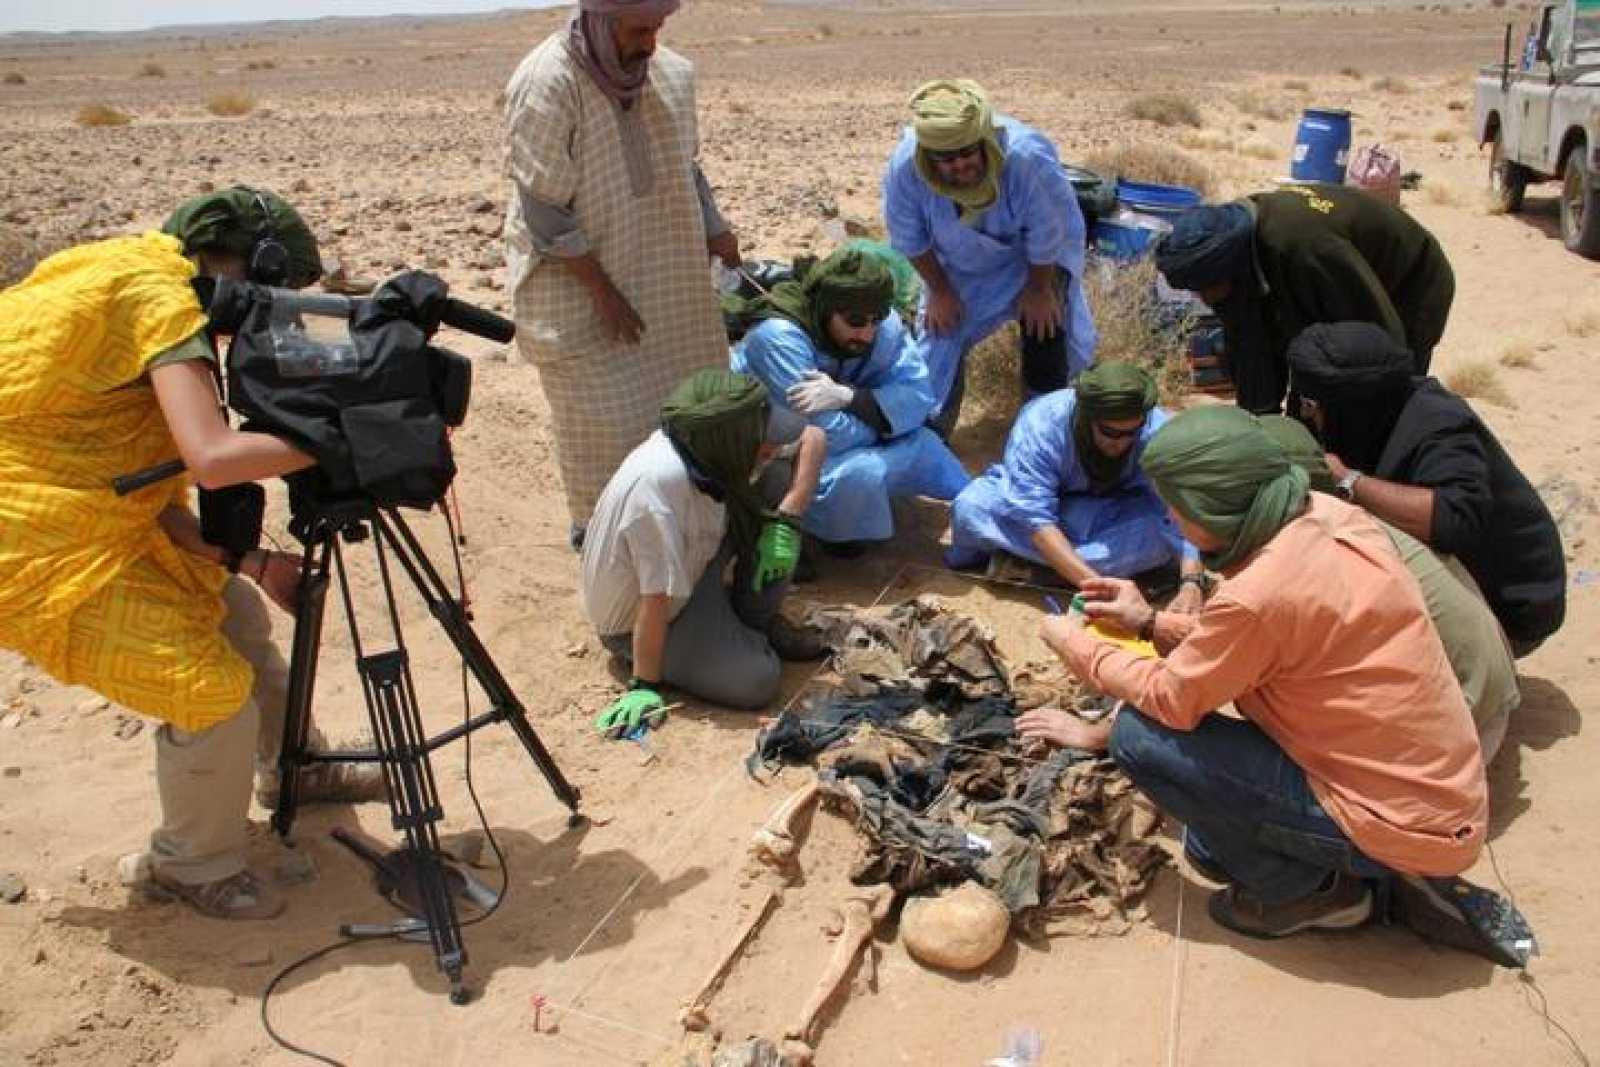 Imagen de la exhumación de dos fosas comunes en el Sáhara Occidental en 2013.